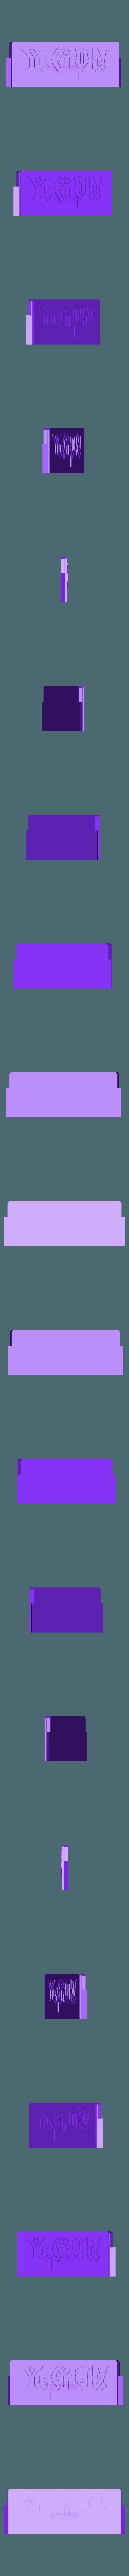 lid-60-logo.stl Télécharger fichier STL gratuit Boîte de rangement Yu-Gi-Oh • Design pour impression 3D, plokr